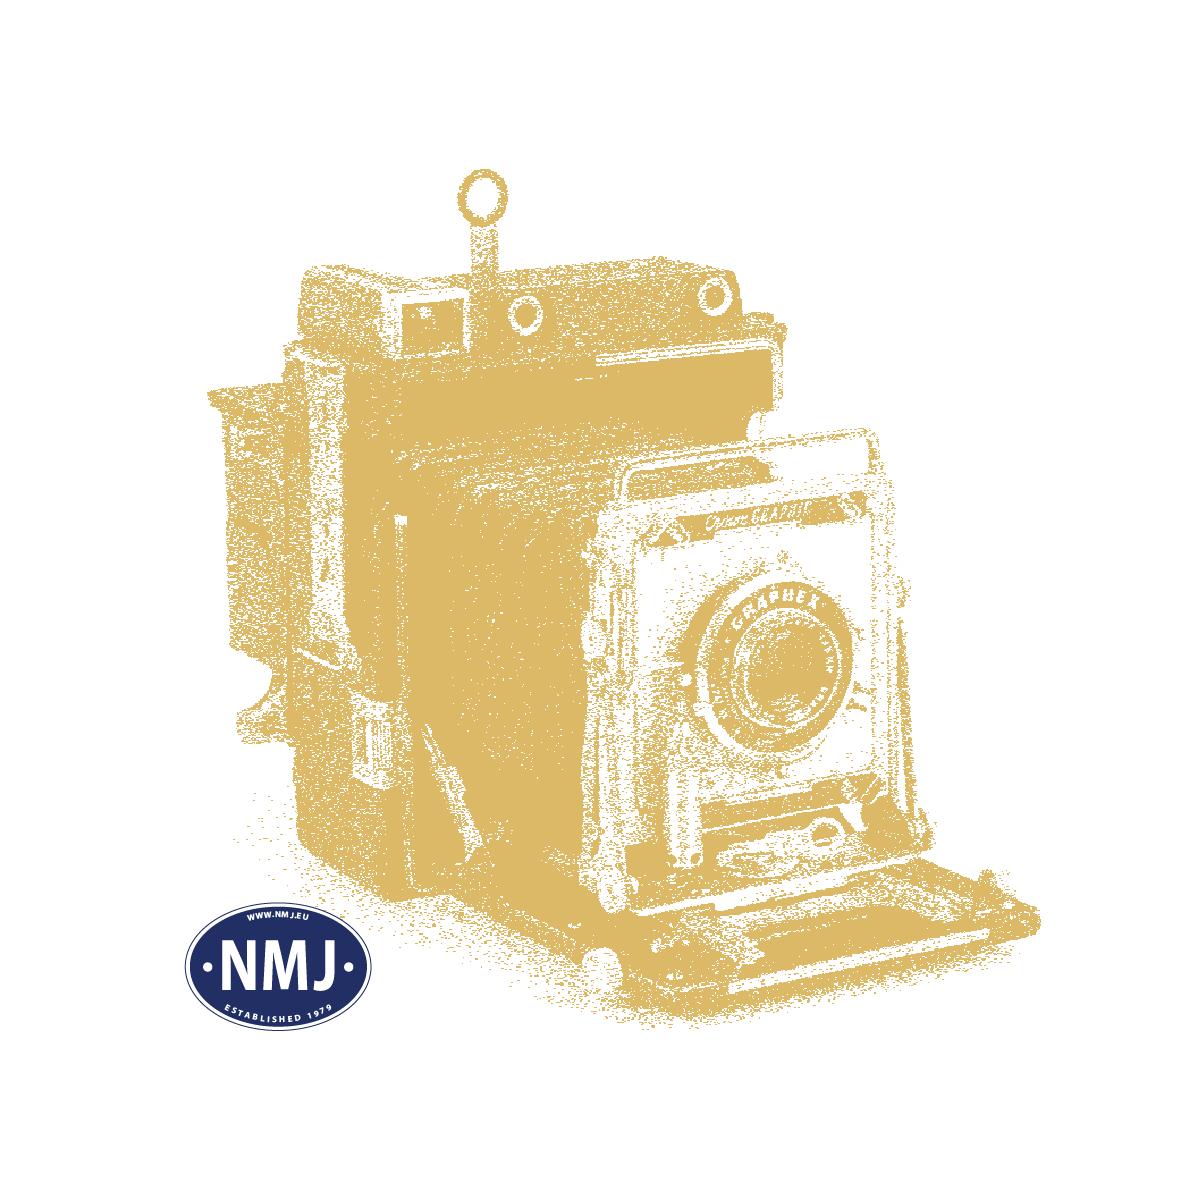 MWB-M004 - Grasmatte, raue Wiese mit Unkraut, Sommer, 30 x 21 cm, für N - I